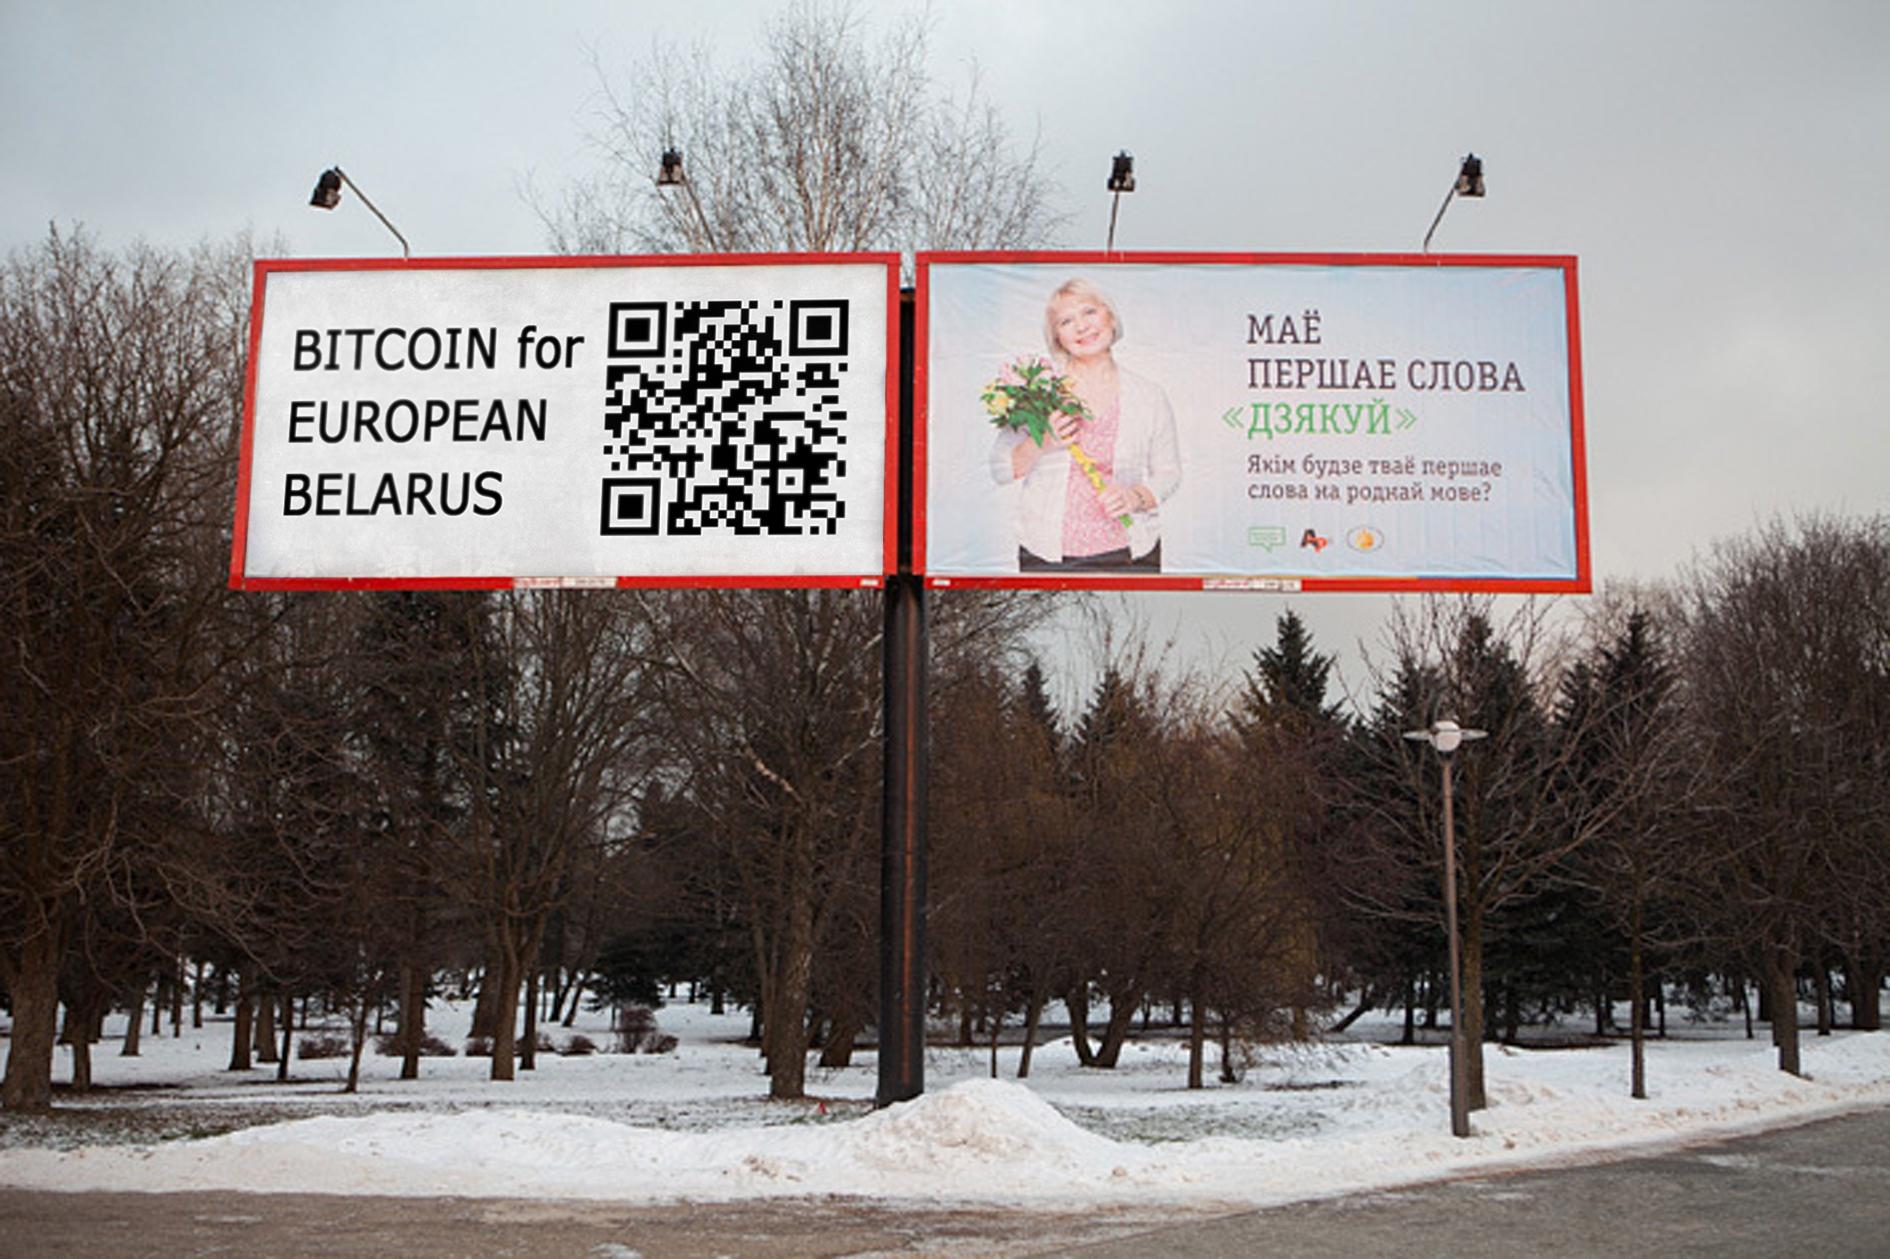 Криптовалютный рай Беларуси